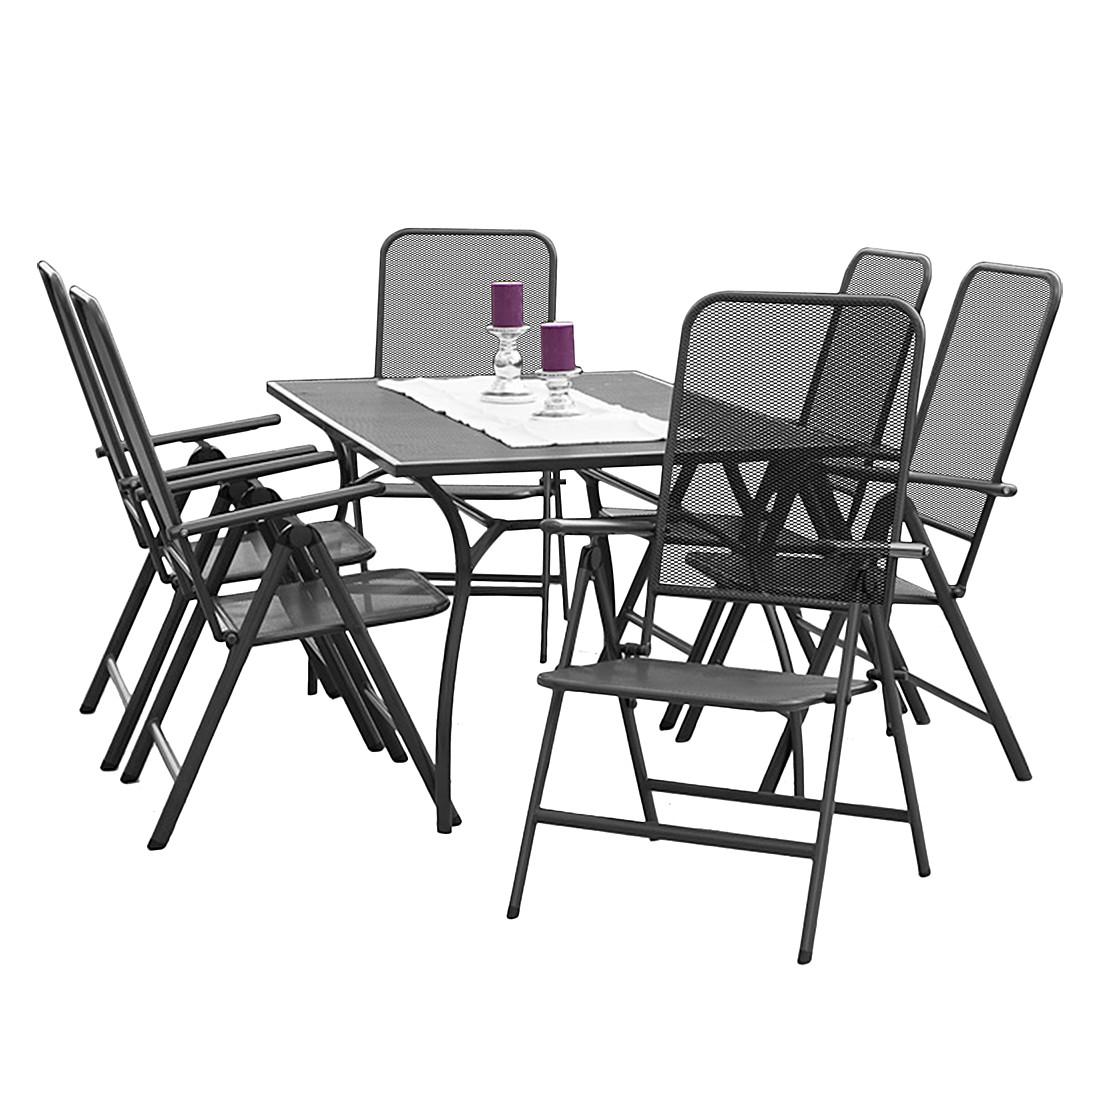 Gartensitzgruppe Paxos (7-teilig) - Stahl - Graphit, Merxx